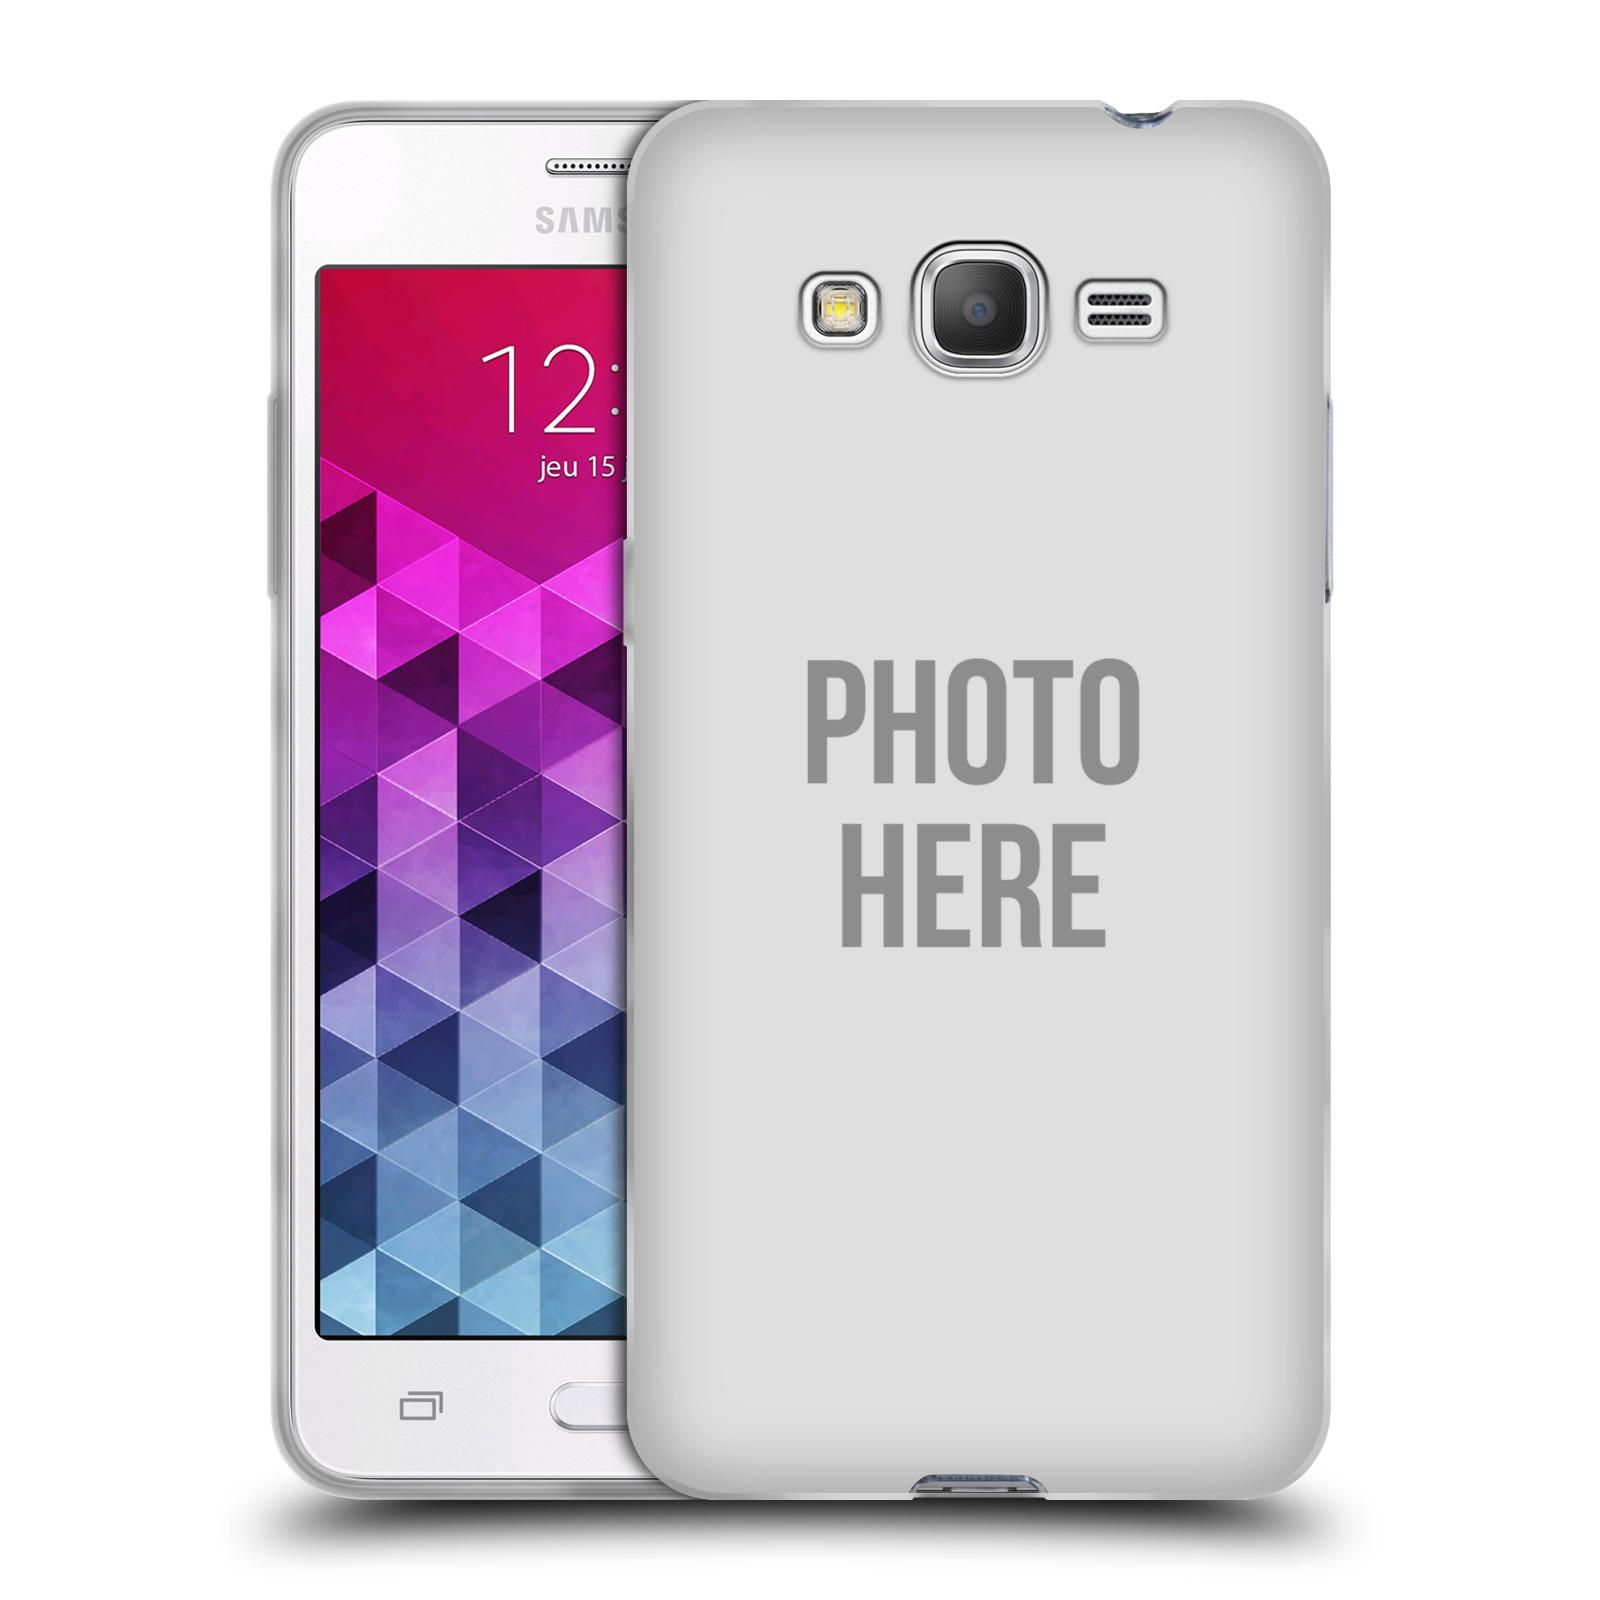 Silikonové pouzdro na mobil Samsung Galaxy Grand Prime HEAD CASE s vlastním motivem